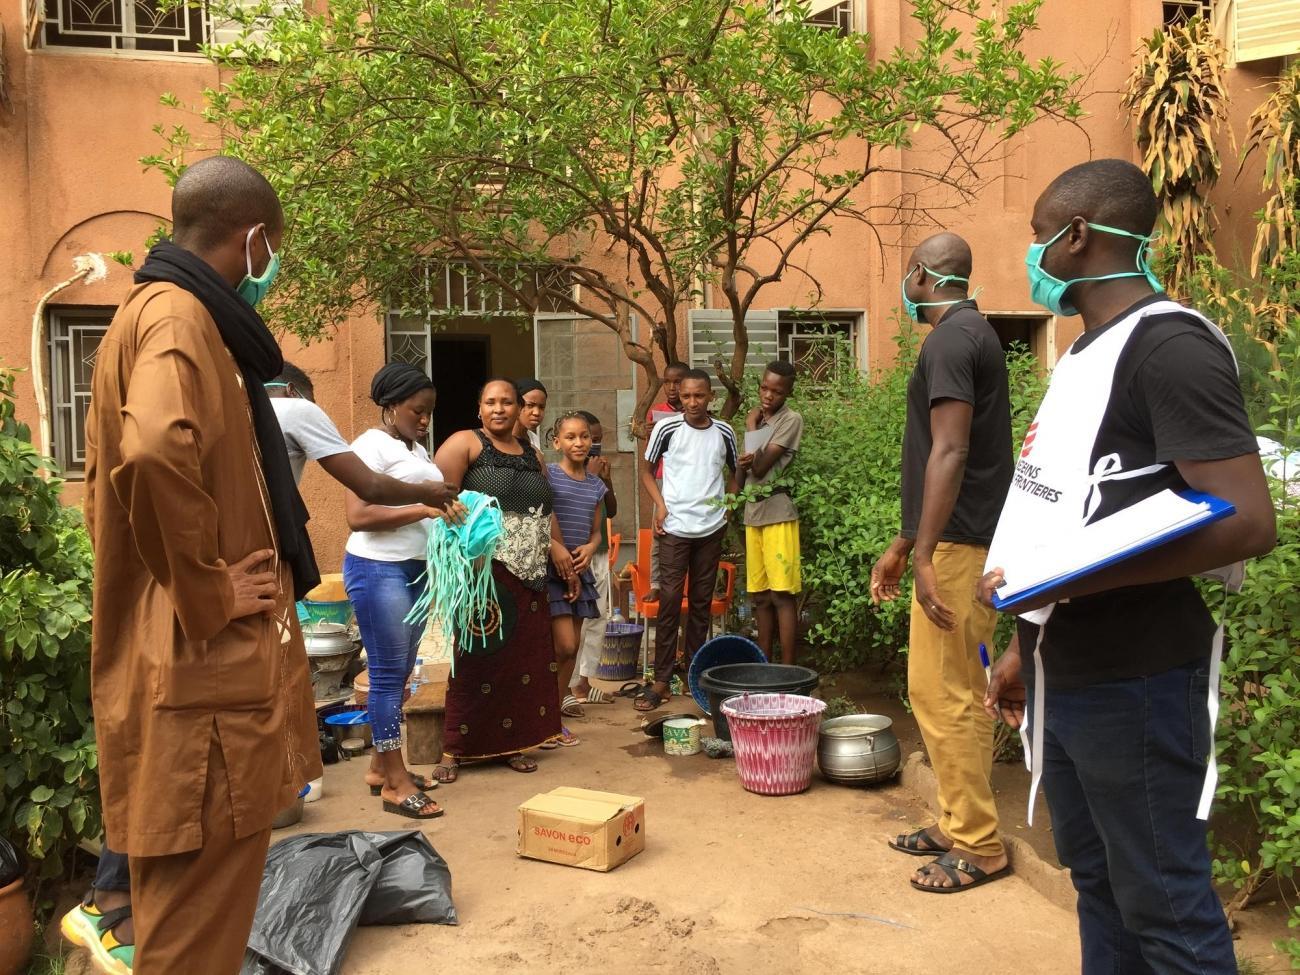 Une famille de Bamako reçoit des masques lavables et du savon pour se protéger contre le coronavirus.  © Lamine Keita/MSF